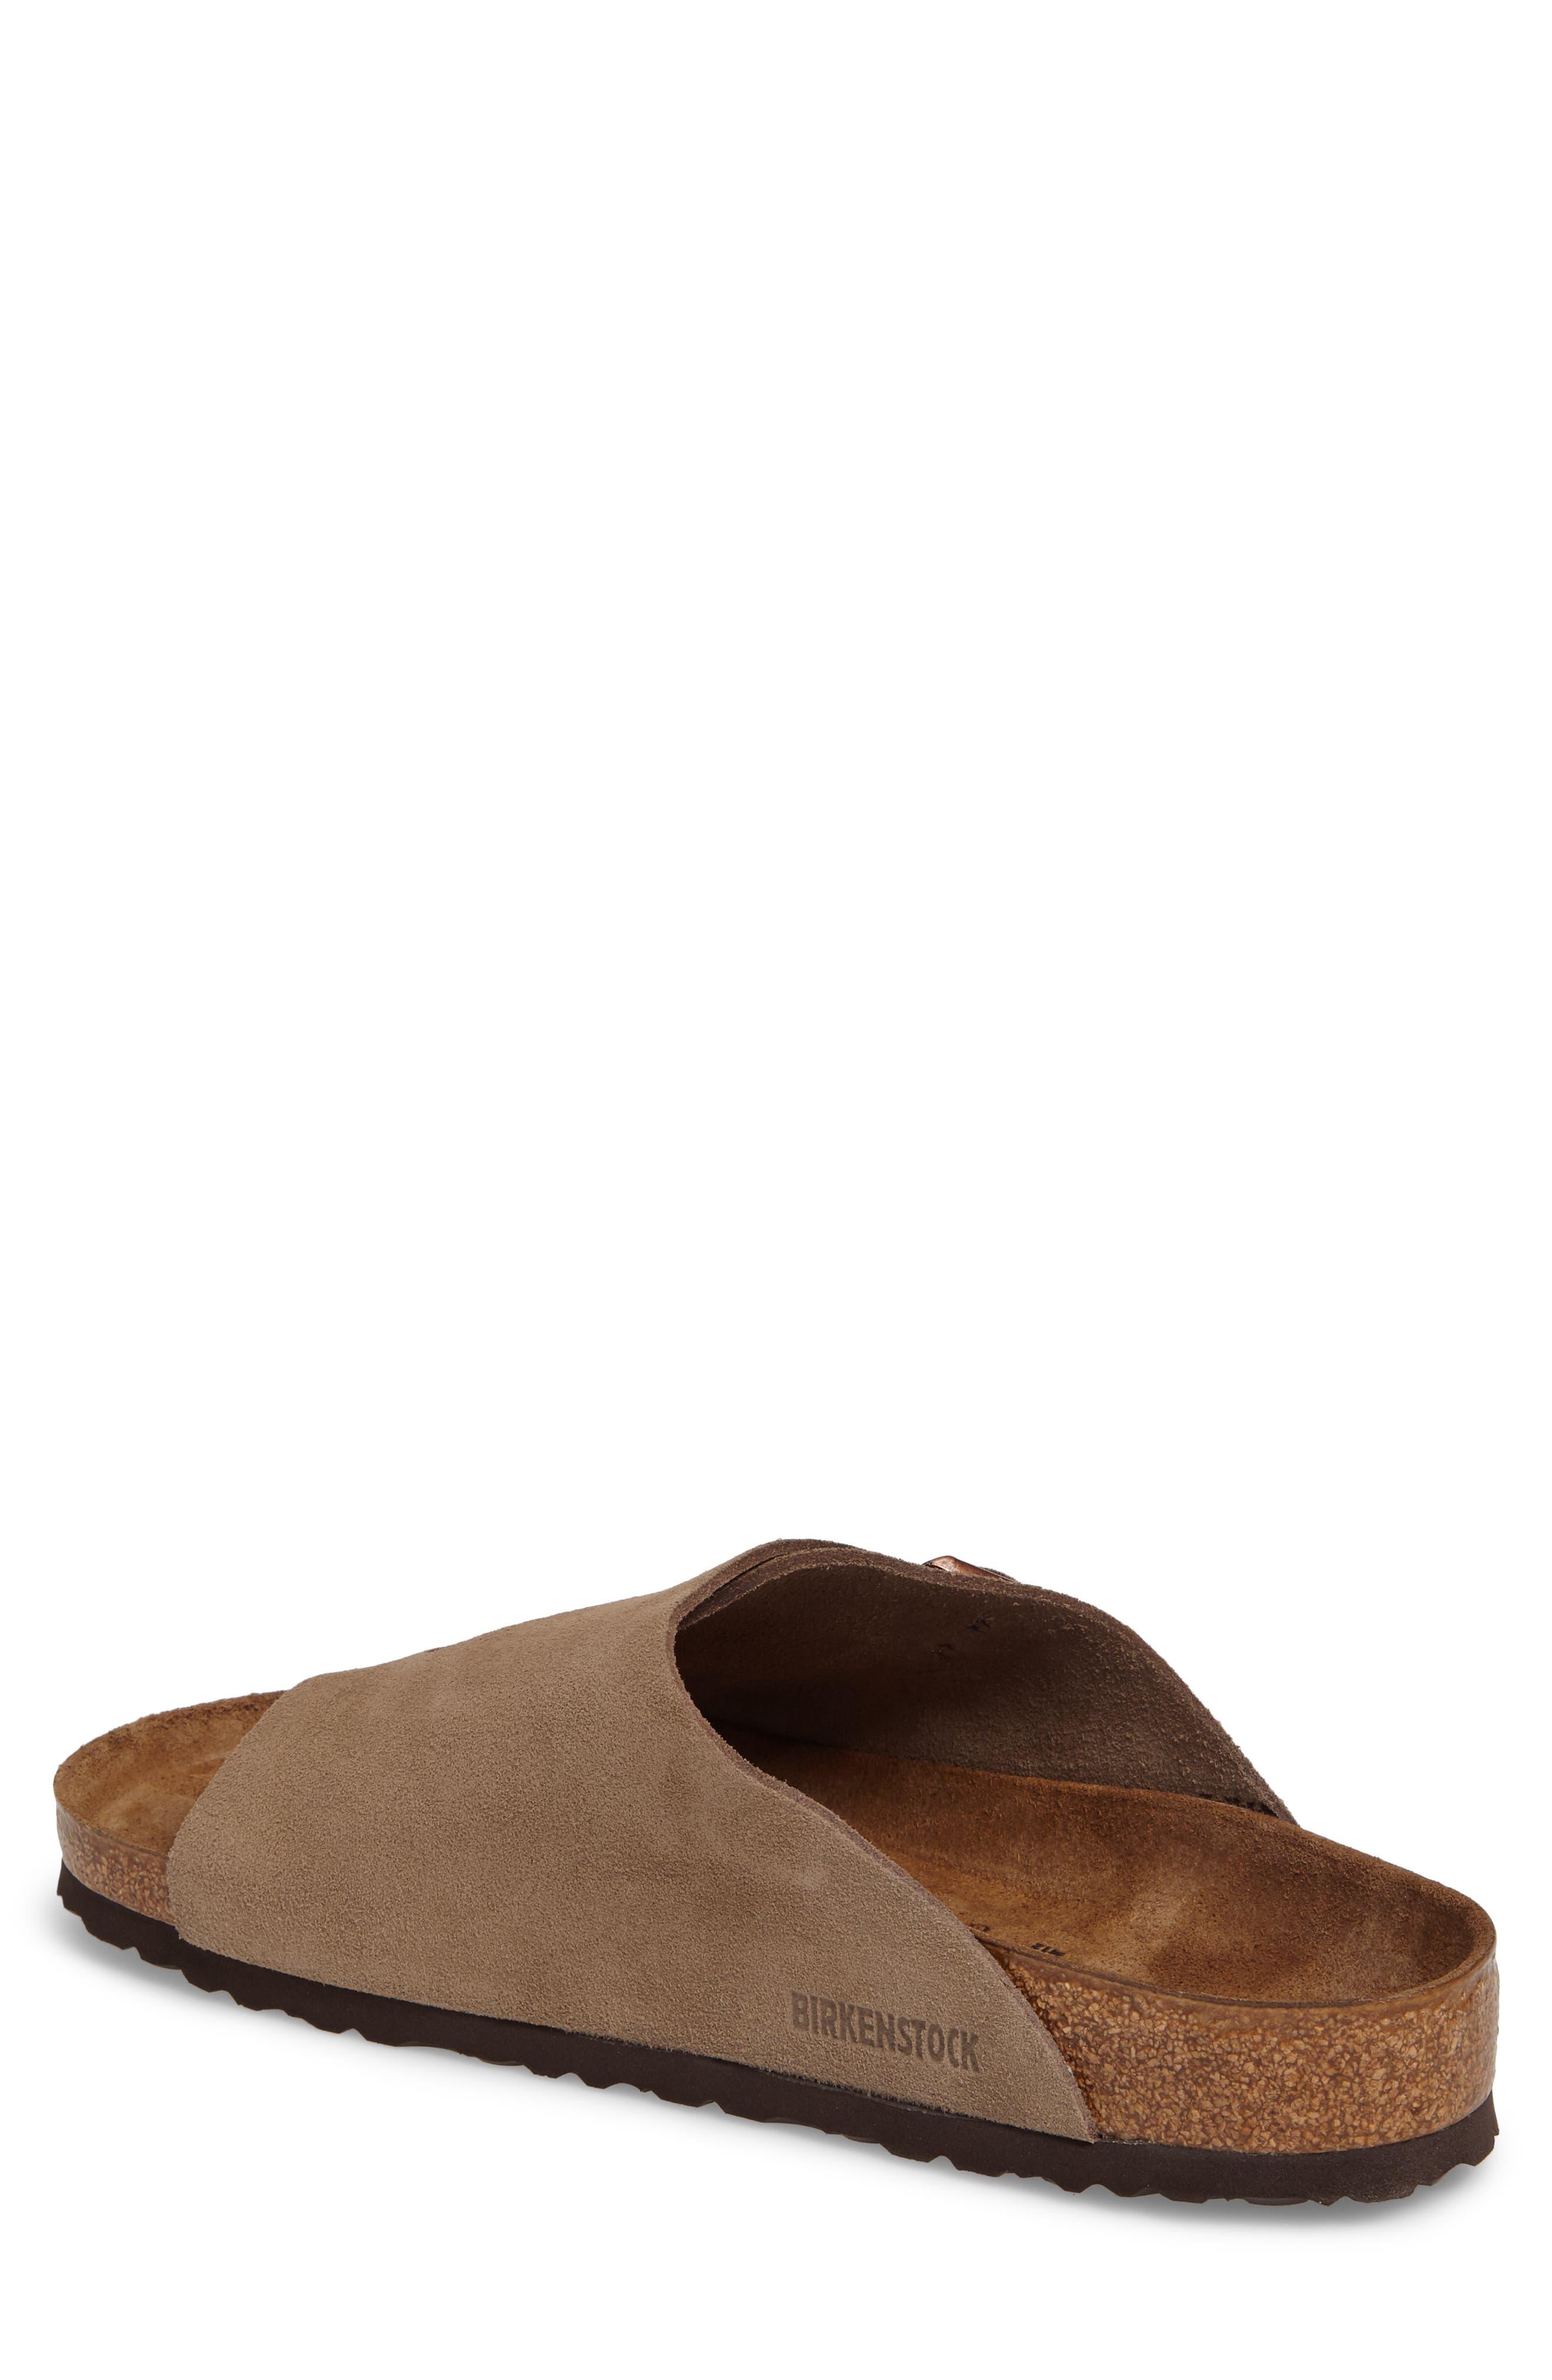 Alternate Image 2  - Birkenstock Zurich Slide Sandal (Men)